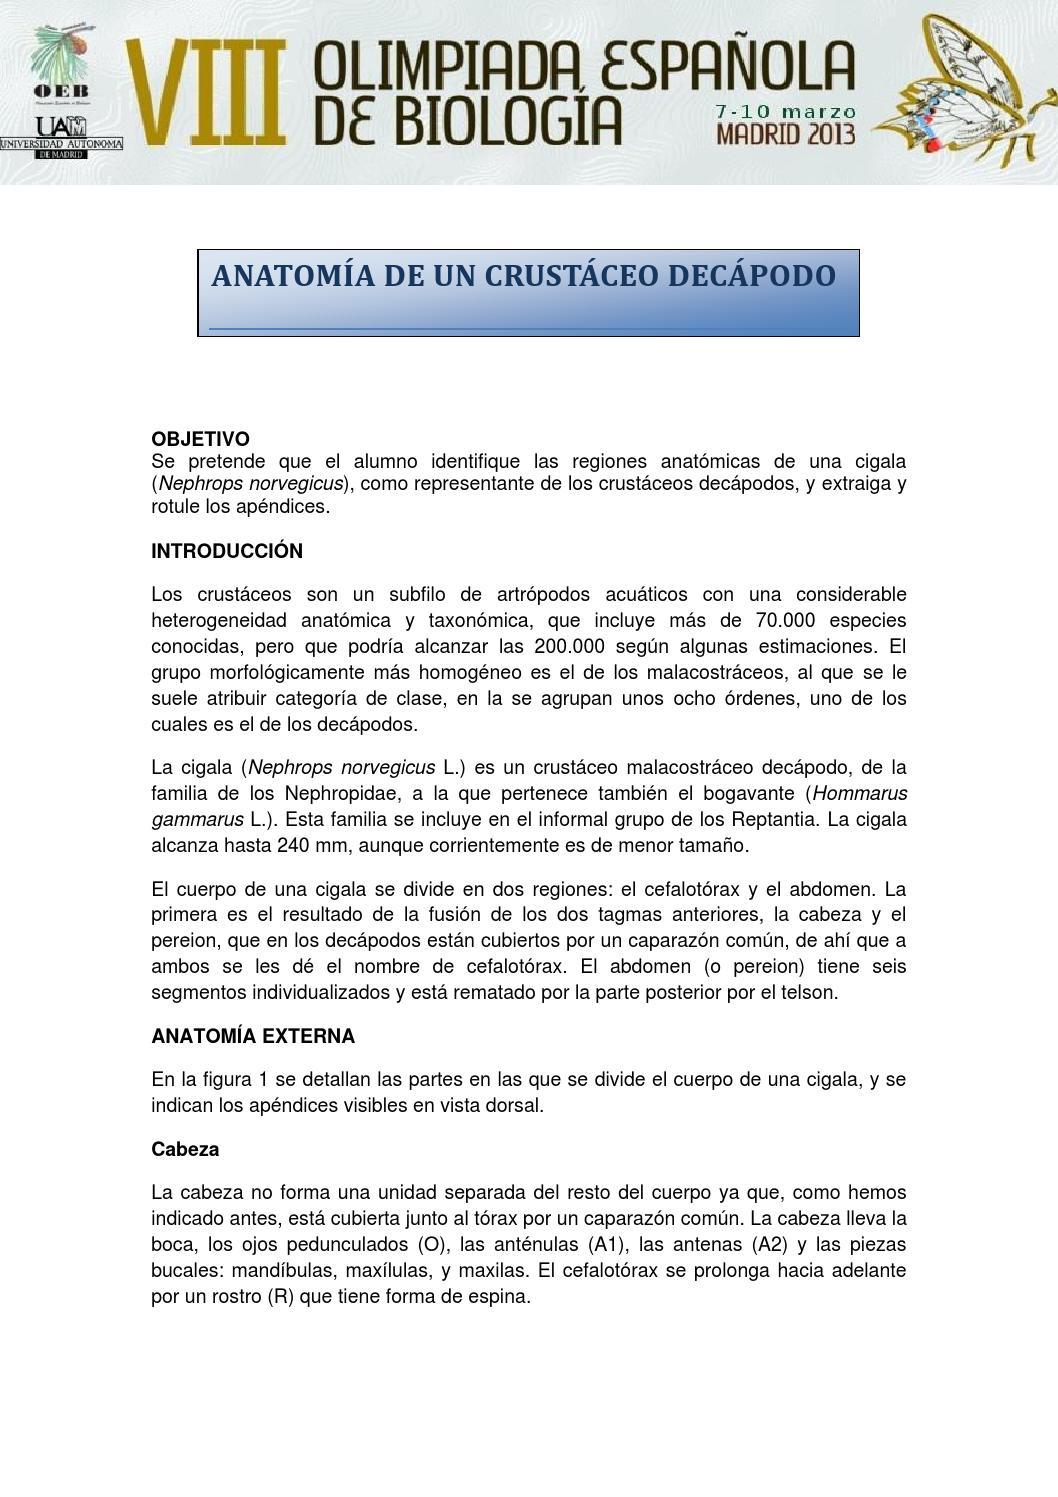 practica de zoologia la anatomia de un crustaceo decapodo guion de ...